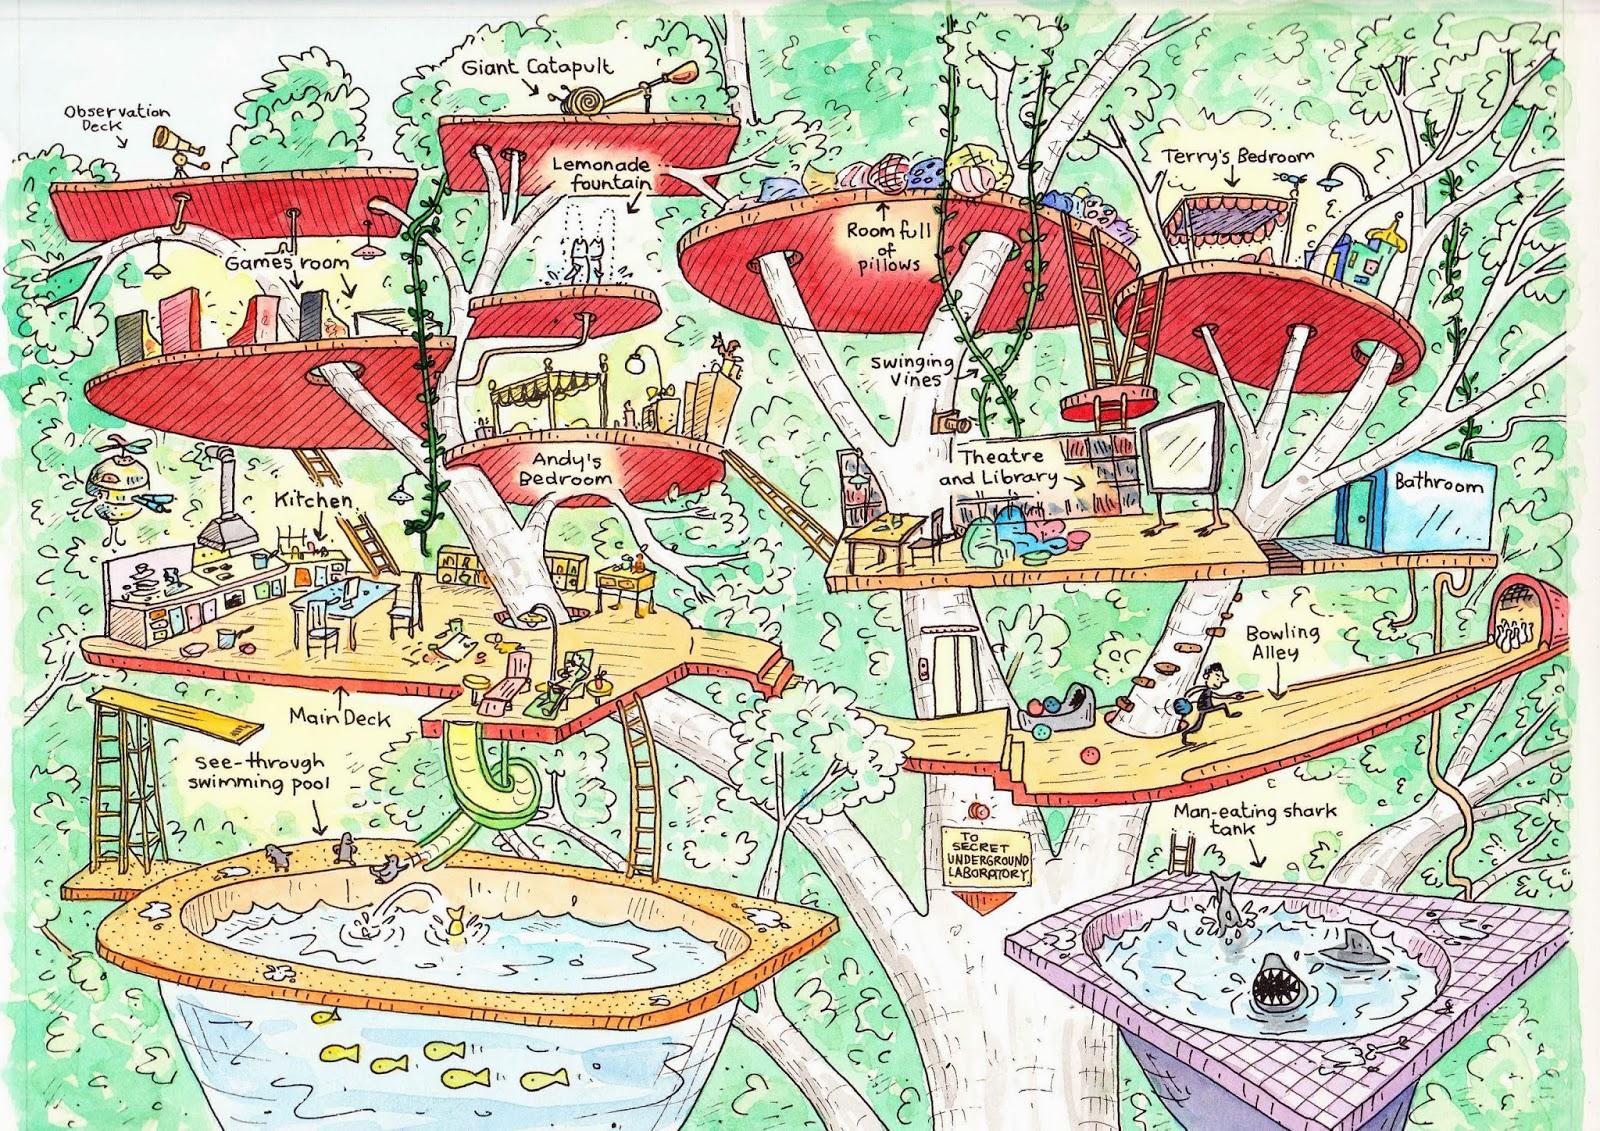 Kleurplaat De Waanzinnige Boomhut Van 13 Verdiepingen Archidev